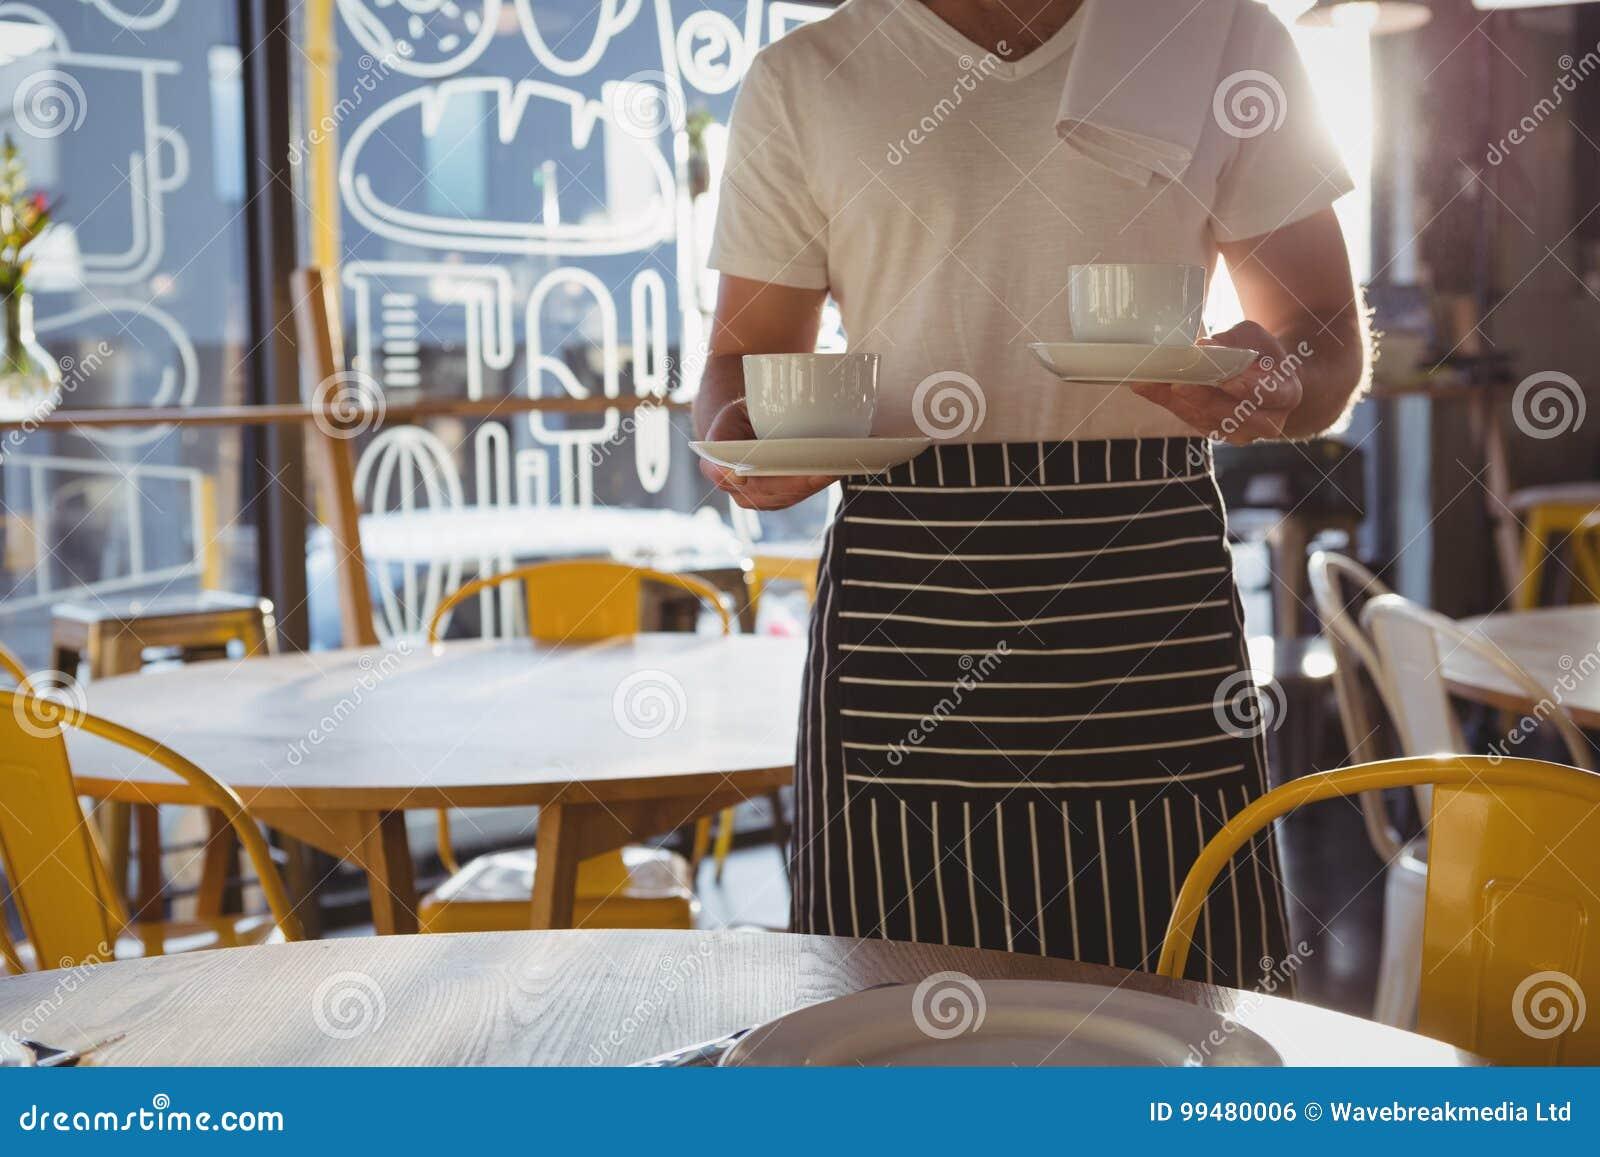 W połowie sekcja trzyma filiżanki kelner